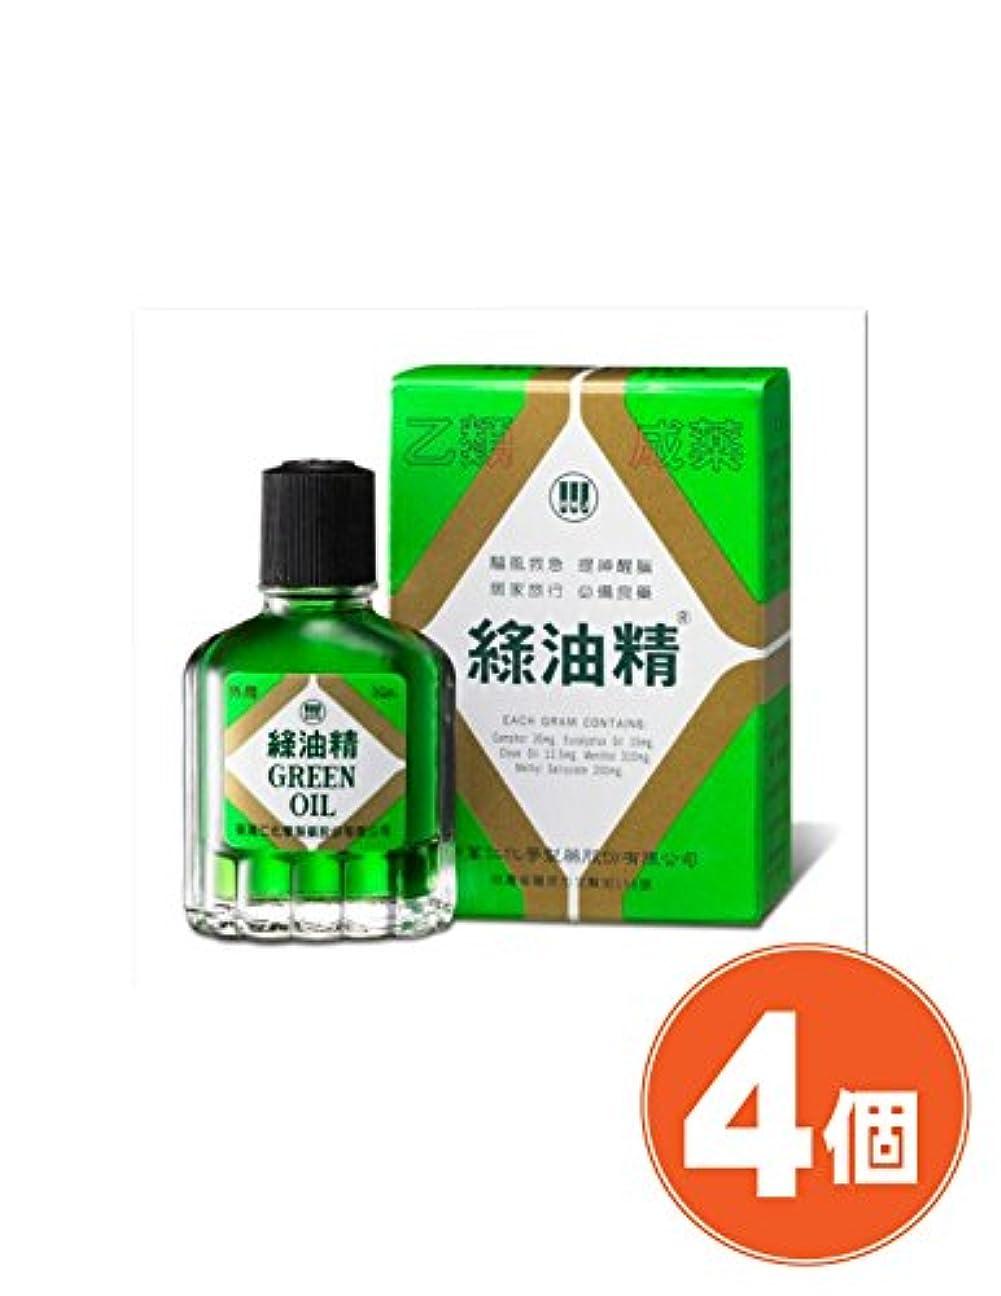 バーガー不忠五月《新萬仁》台湾の万能グリーンオイル 緑油精 3g ×4個 《台湾 お土産》 [並行輸入品]